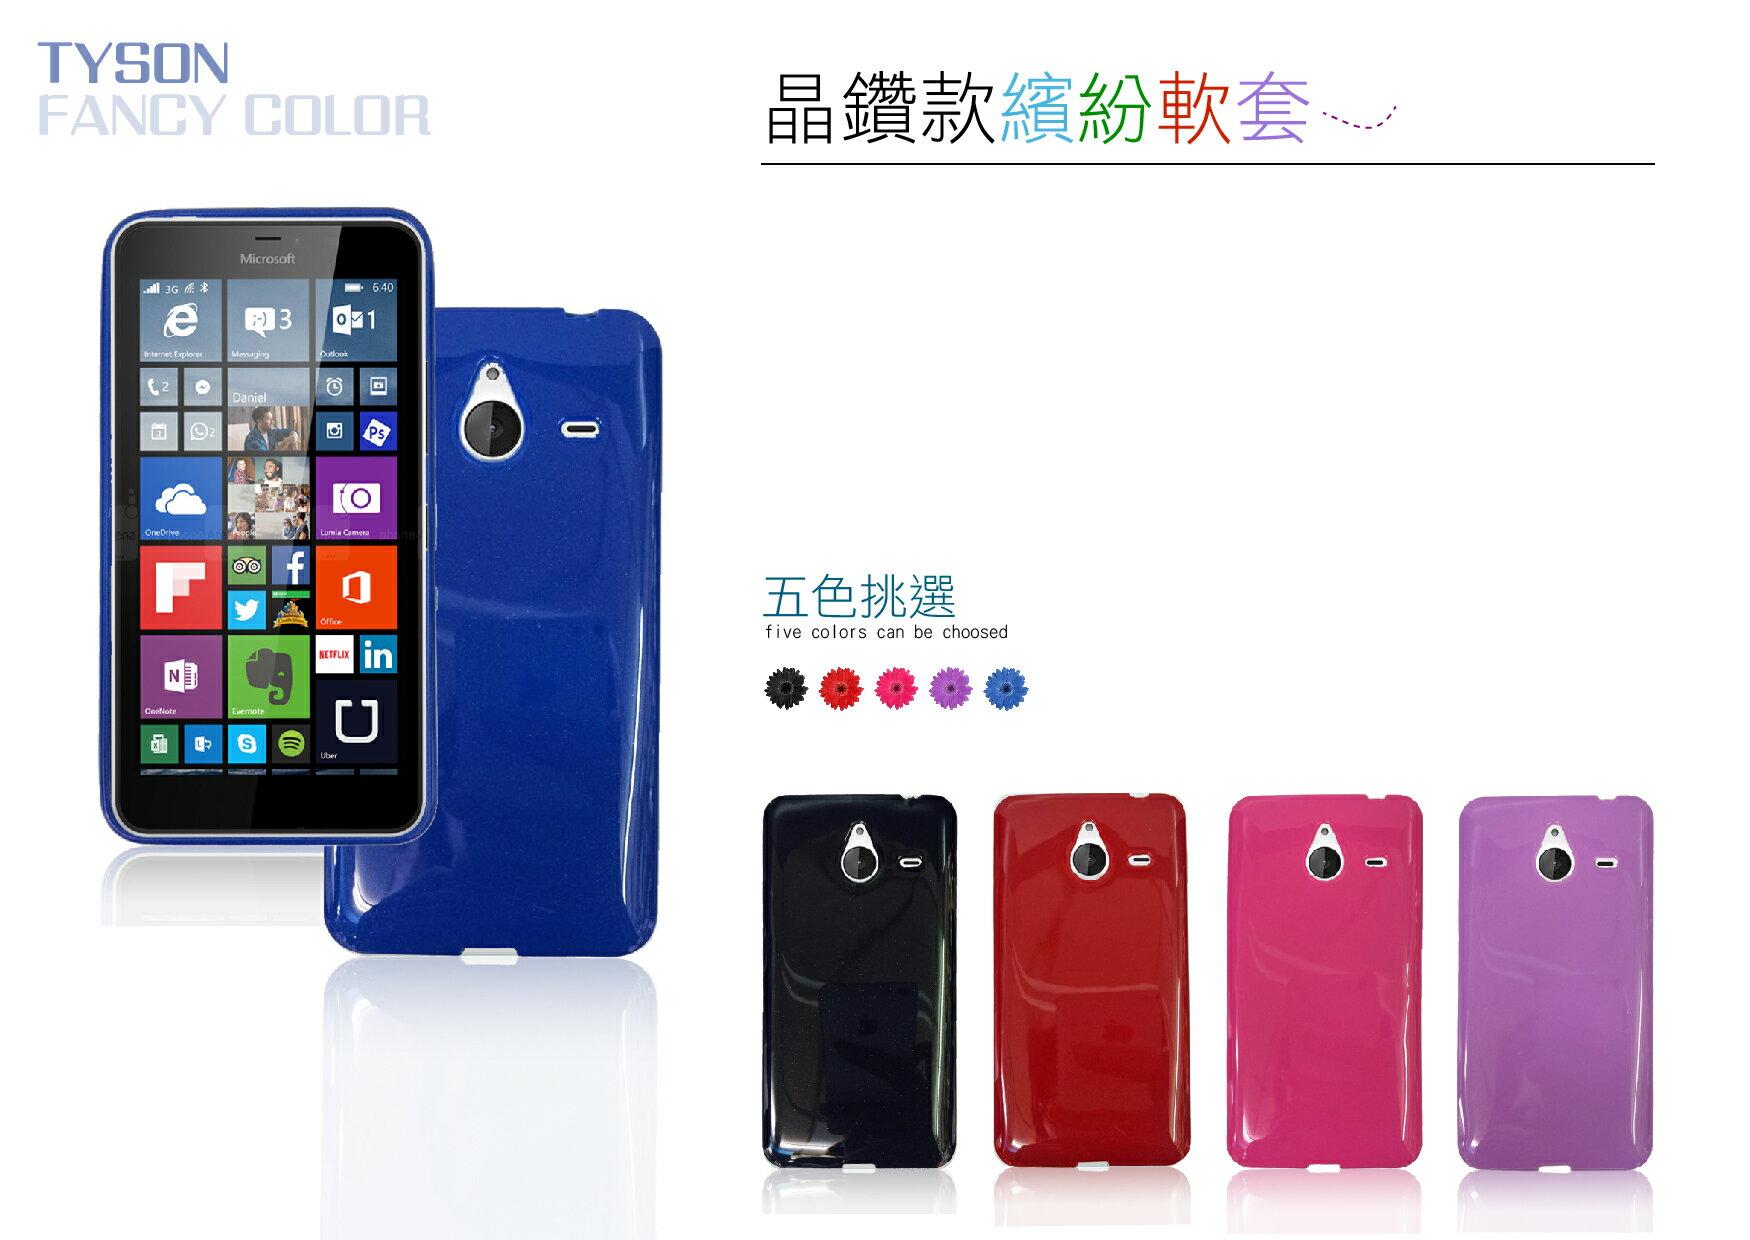 華碩 ASUS ZenFone 2 Laser ZE601KL 手機專用 繽紛晶鑽系列 保護殼 軟殼 手機套 背蓋 果凍套 外殼